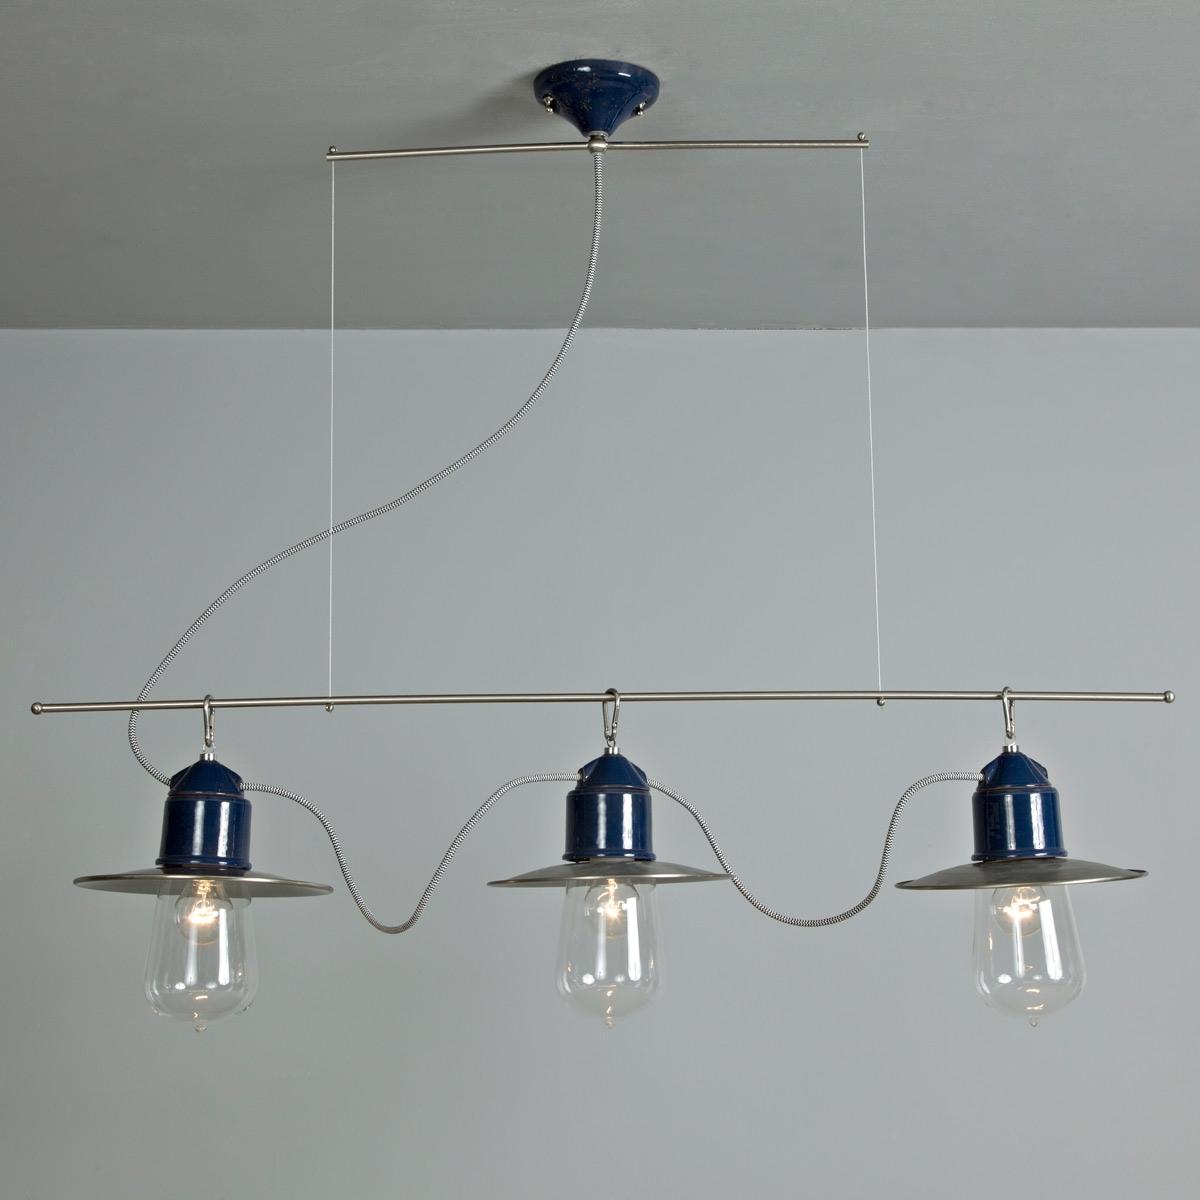 Au ergew hnliche dreiflammige tischpendelleuchte in - Suspension plusieurs ampoules ...